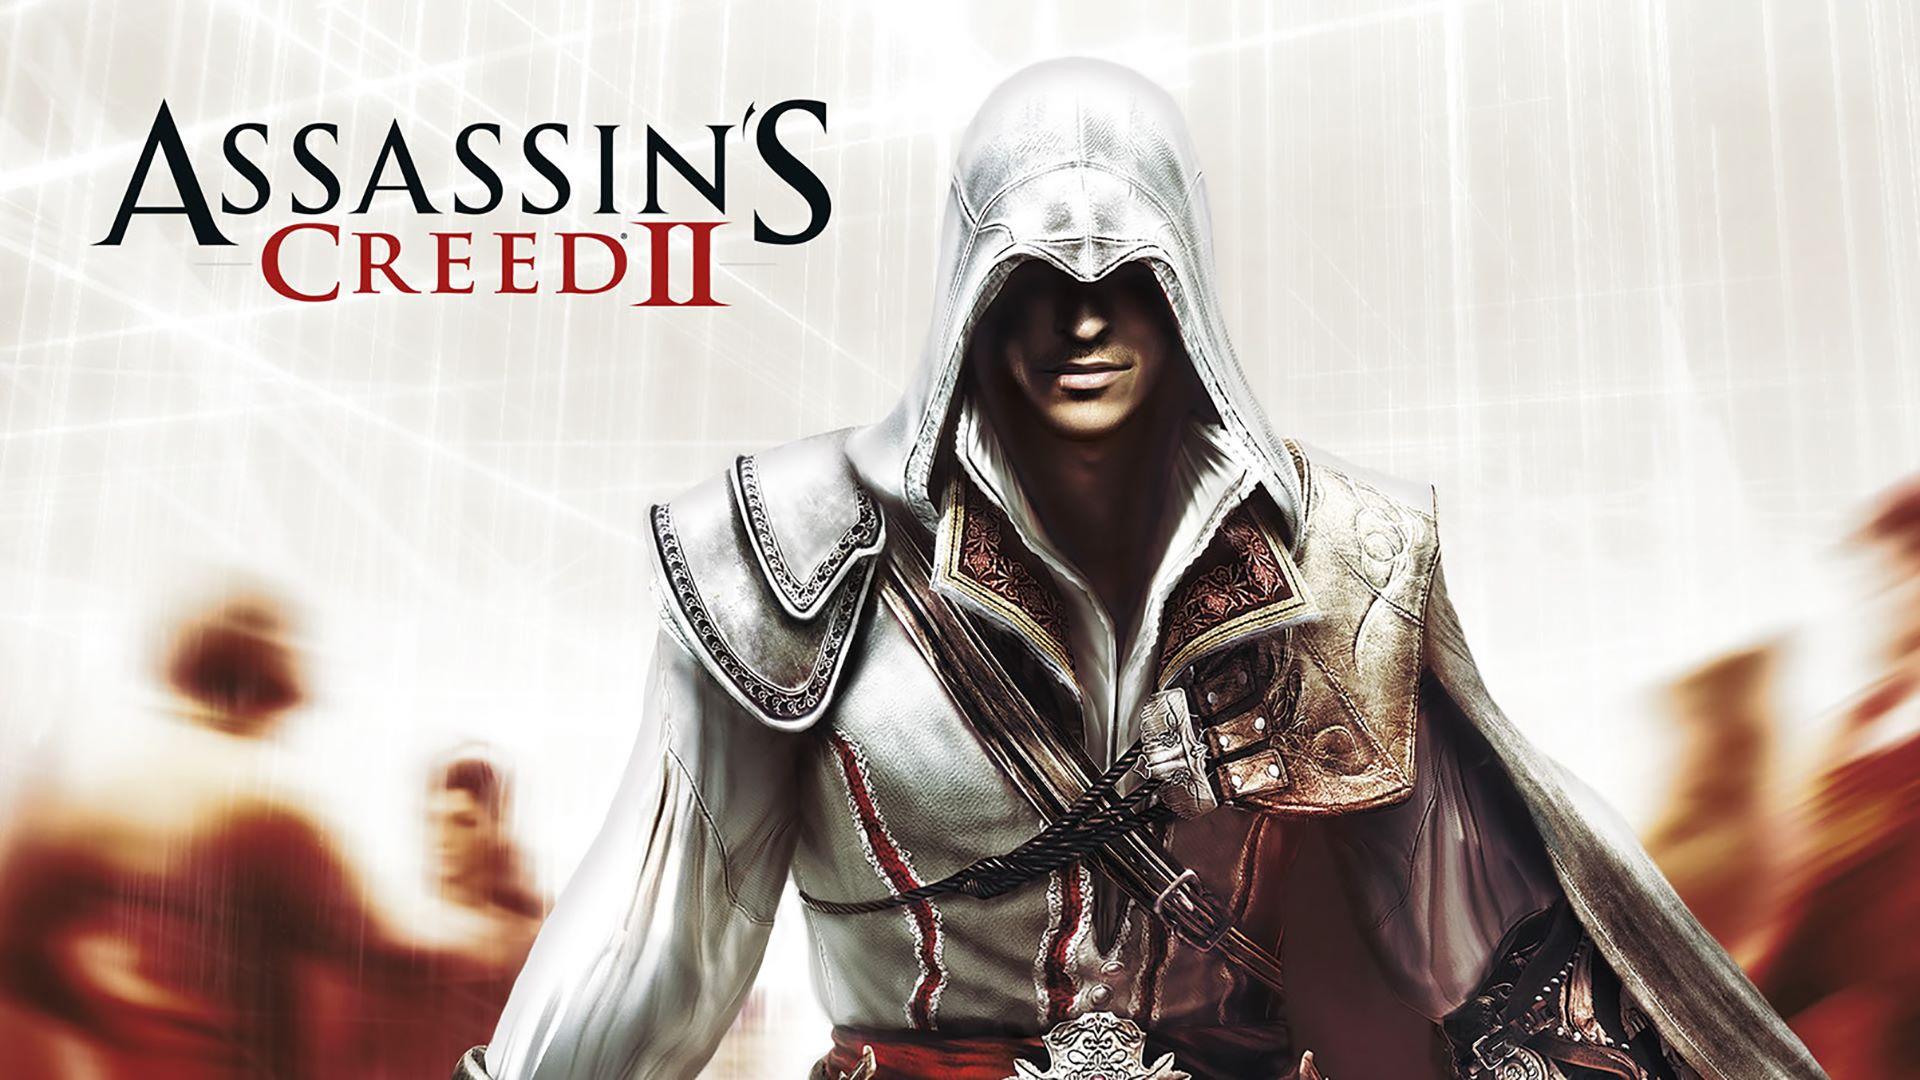 دانلود بازی ASSASSINS CREED 2 با حجم فوق فشرده 2.88 گیگابایت